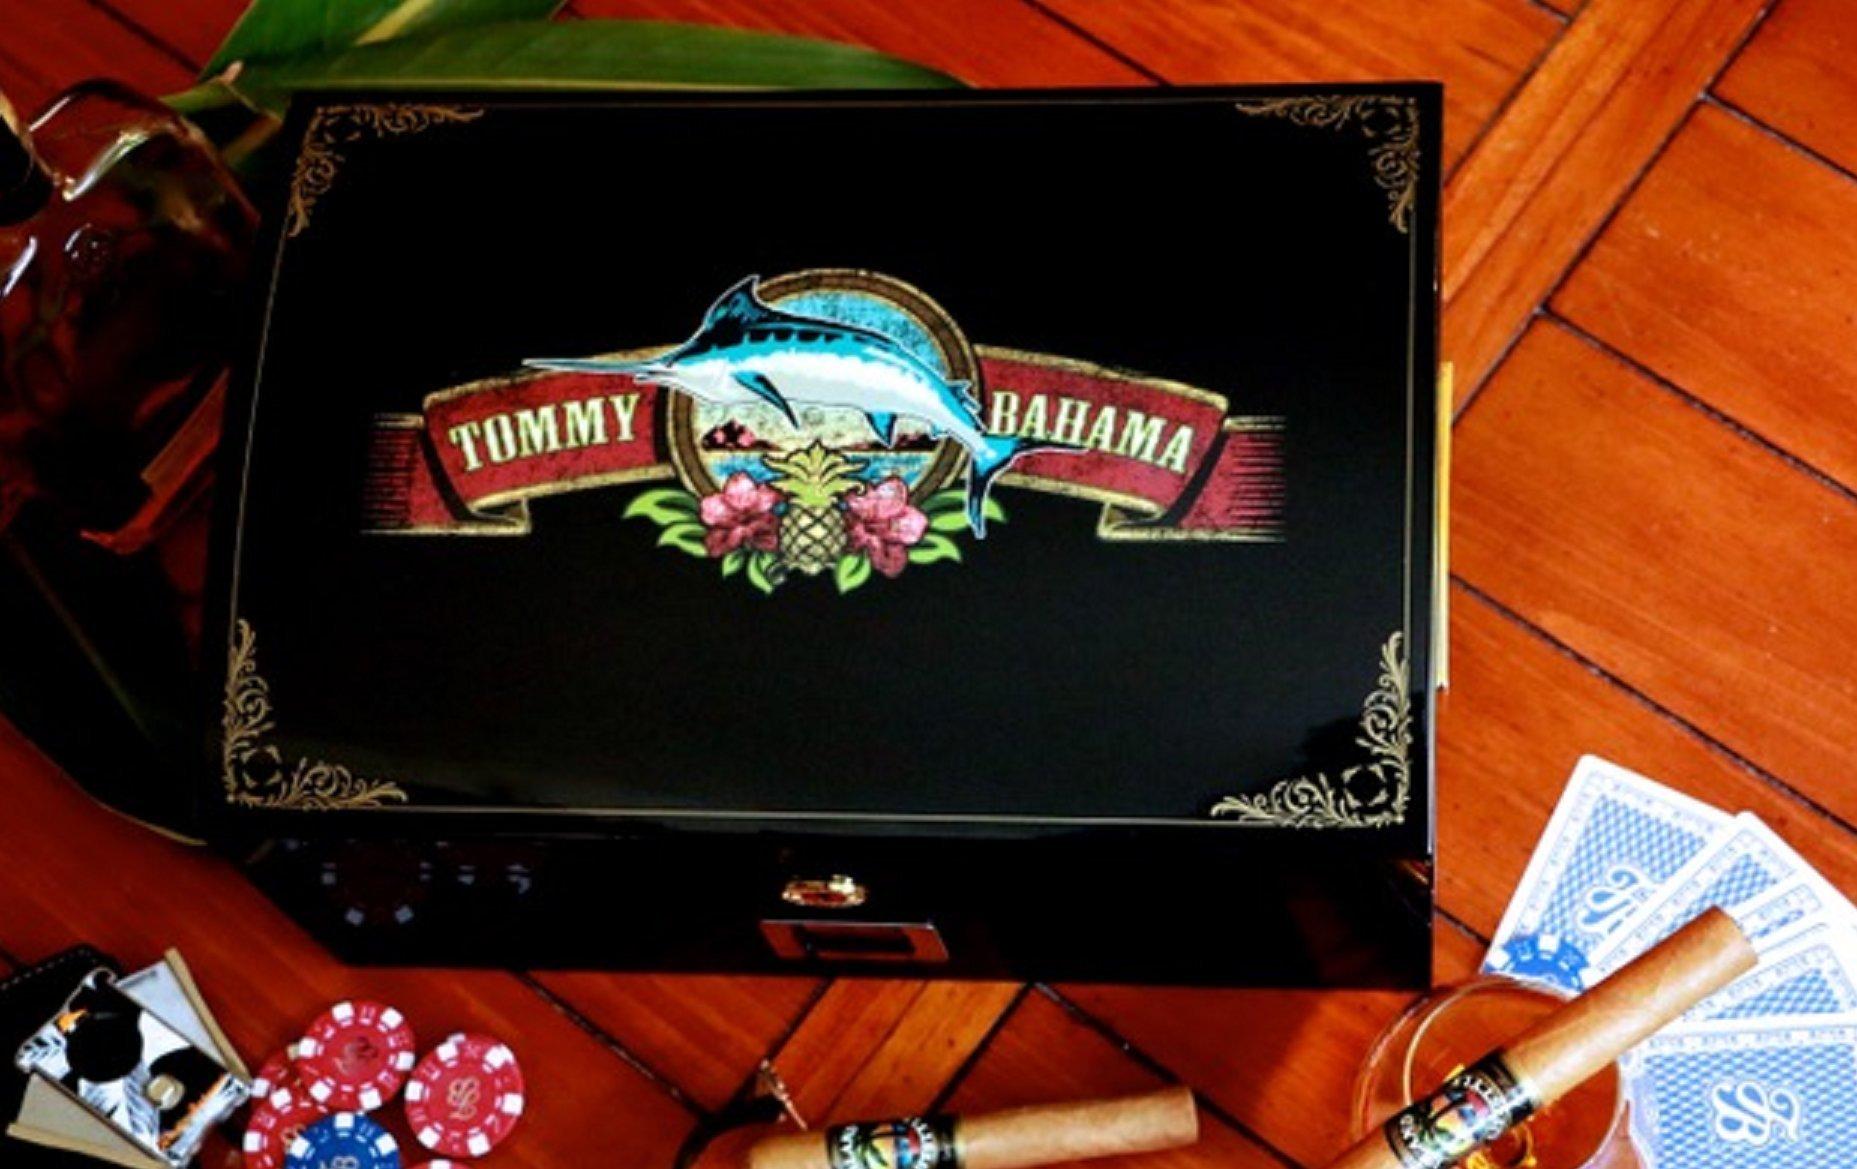 Tommy Bahama Cigar Band LED Humidor